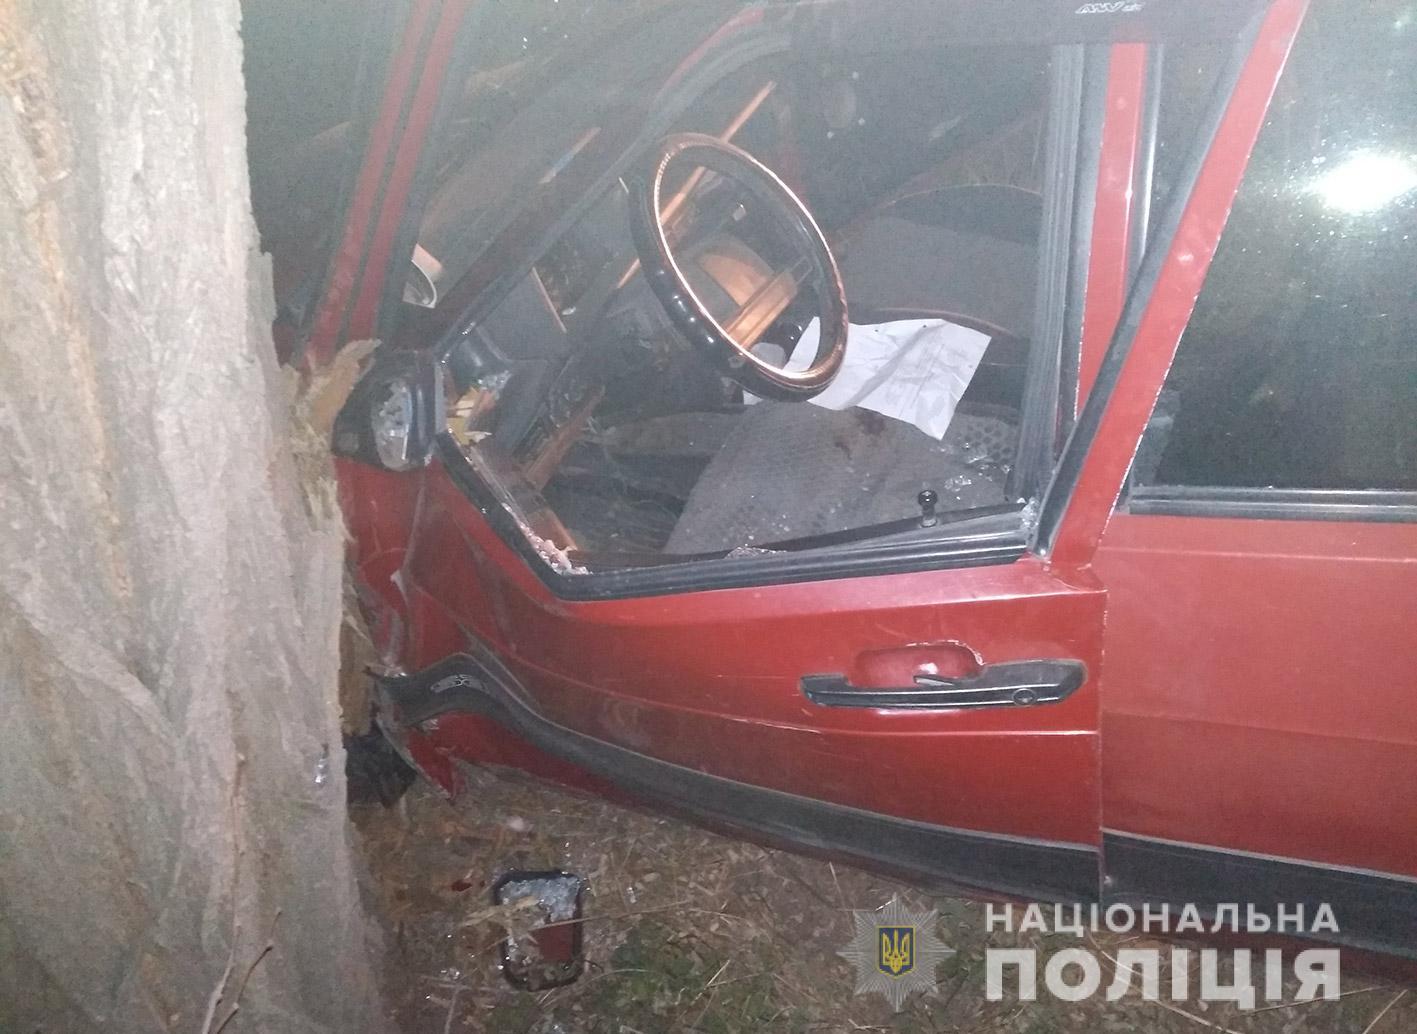 Автомобиль «ВАЗ -2109», который остался без присмотра